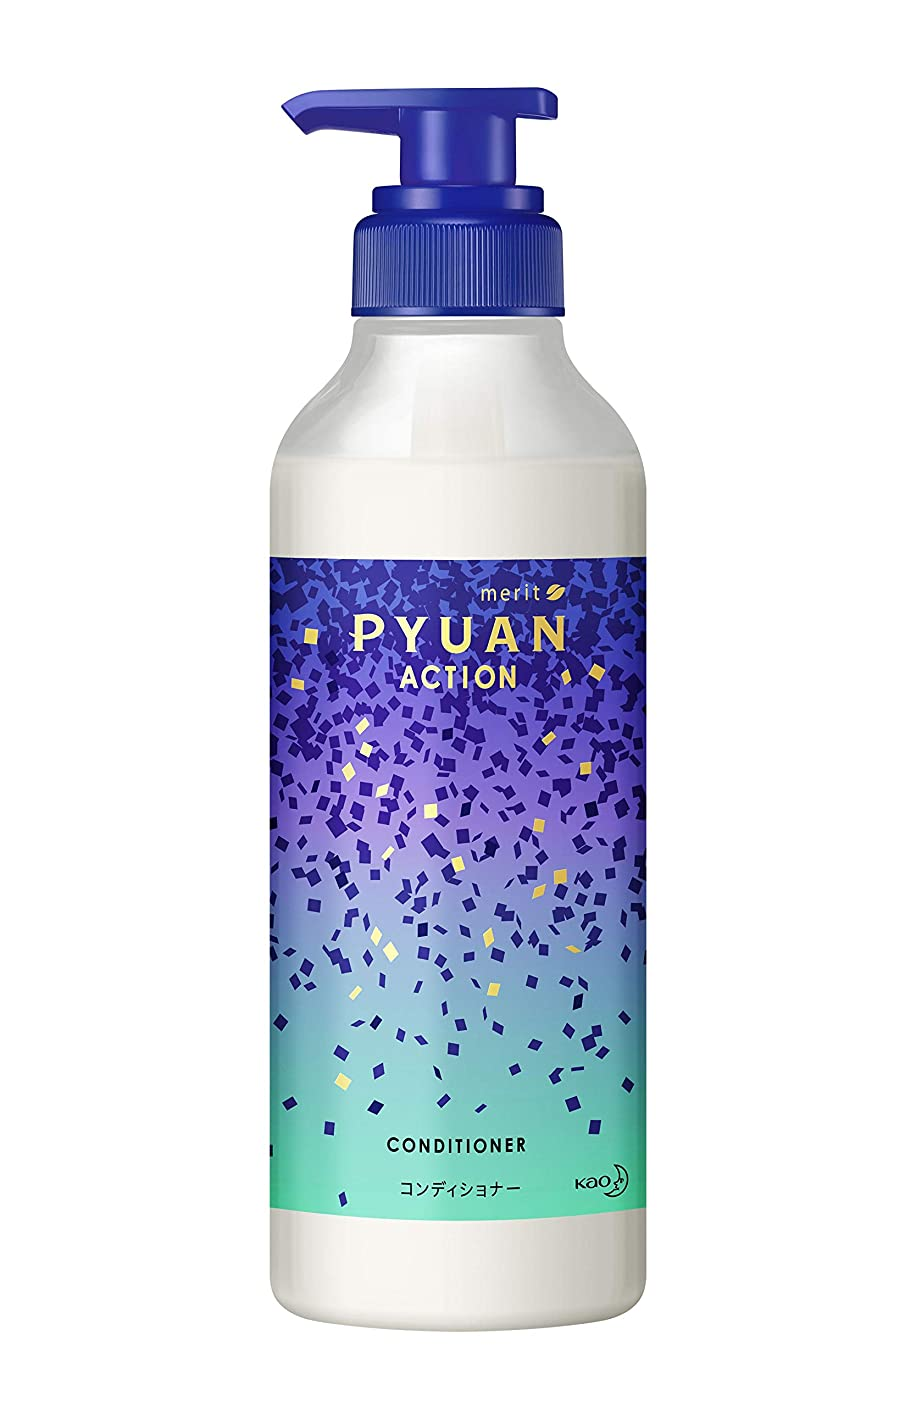 設計図進化するドレインメリットピュアン アクション (Action) シトラス&サンフラワーの香り コンディショナー ポンプ 425ml Dream Ami コラボ